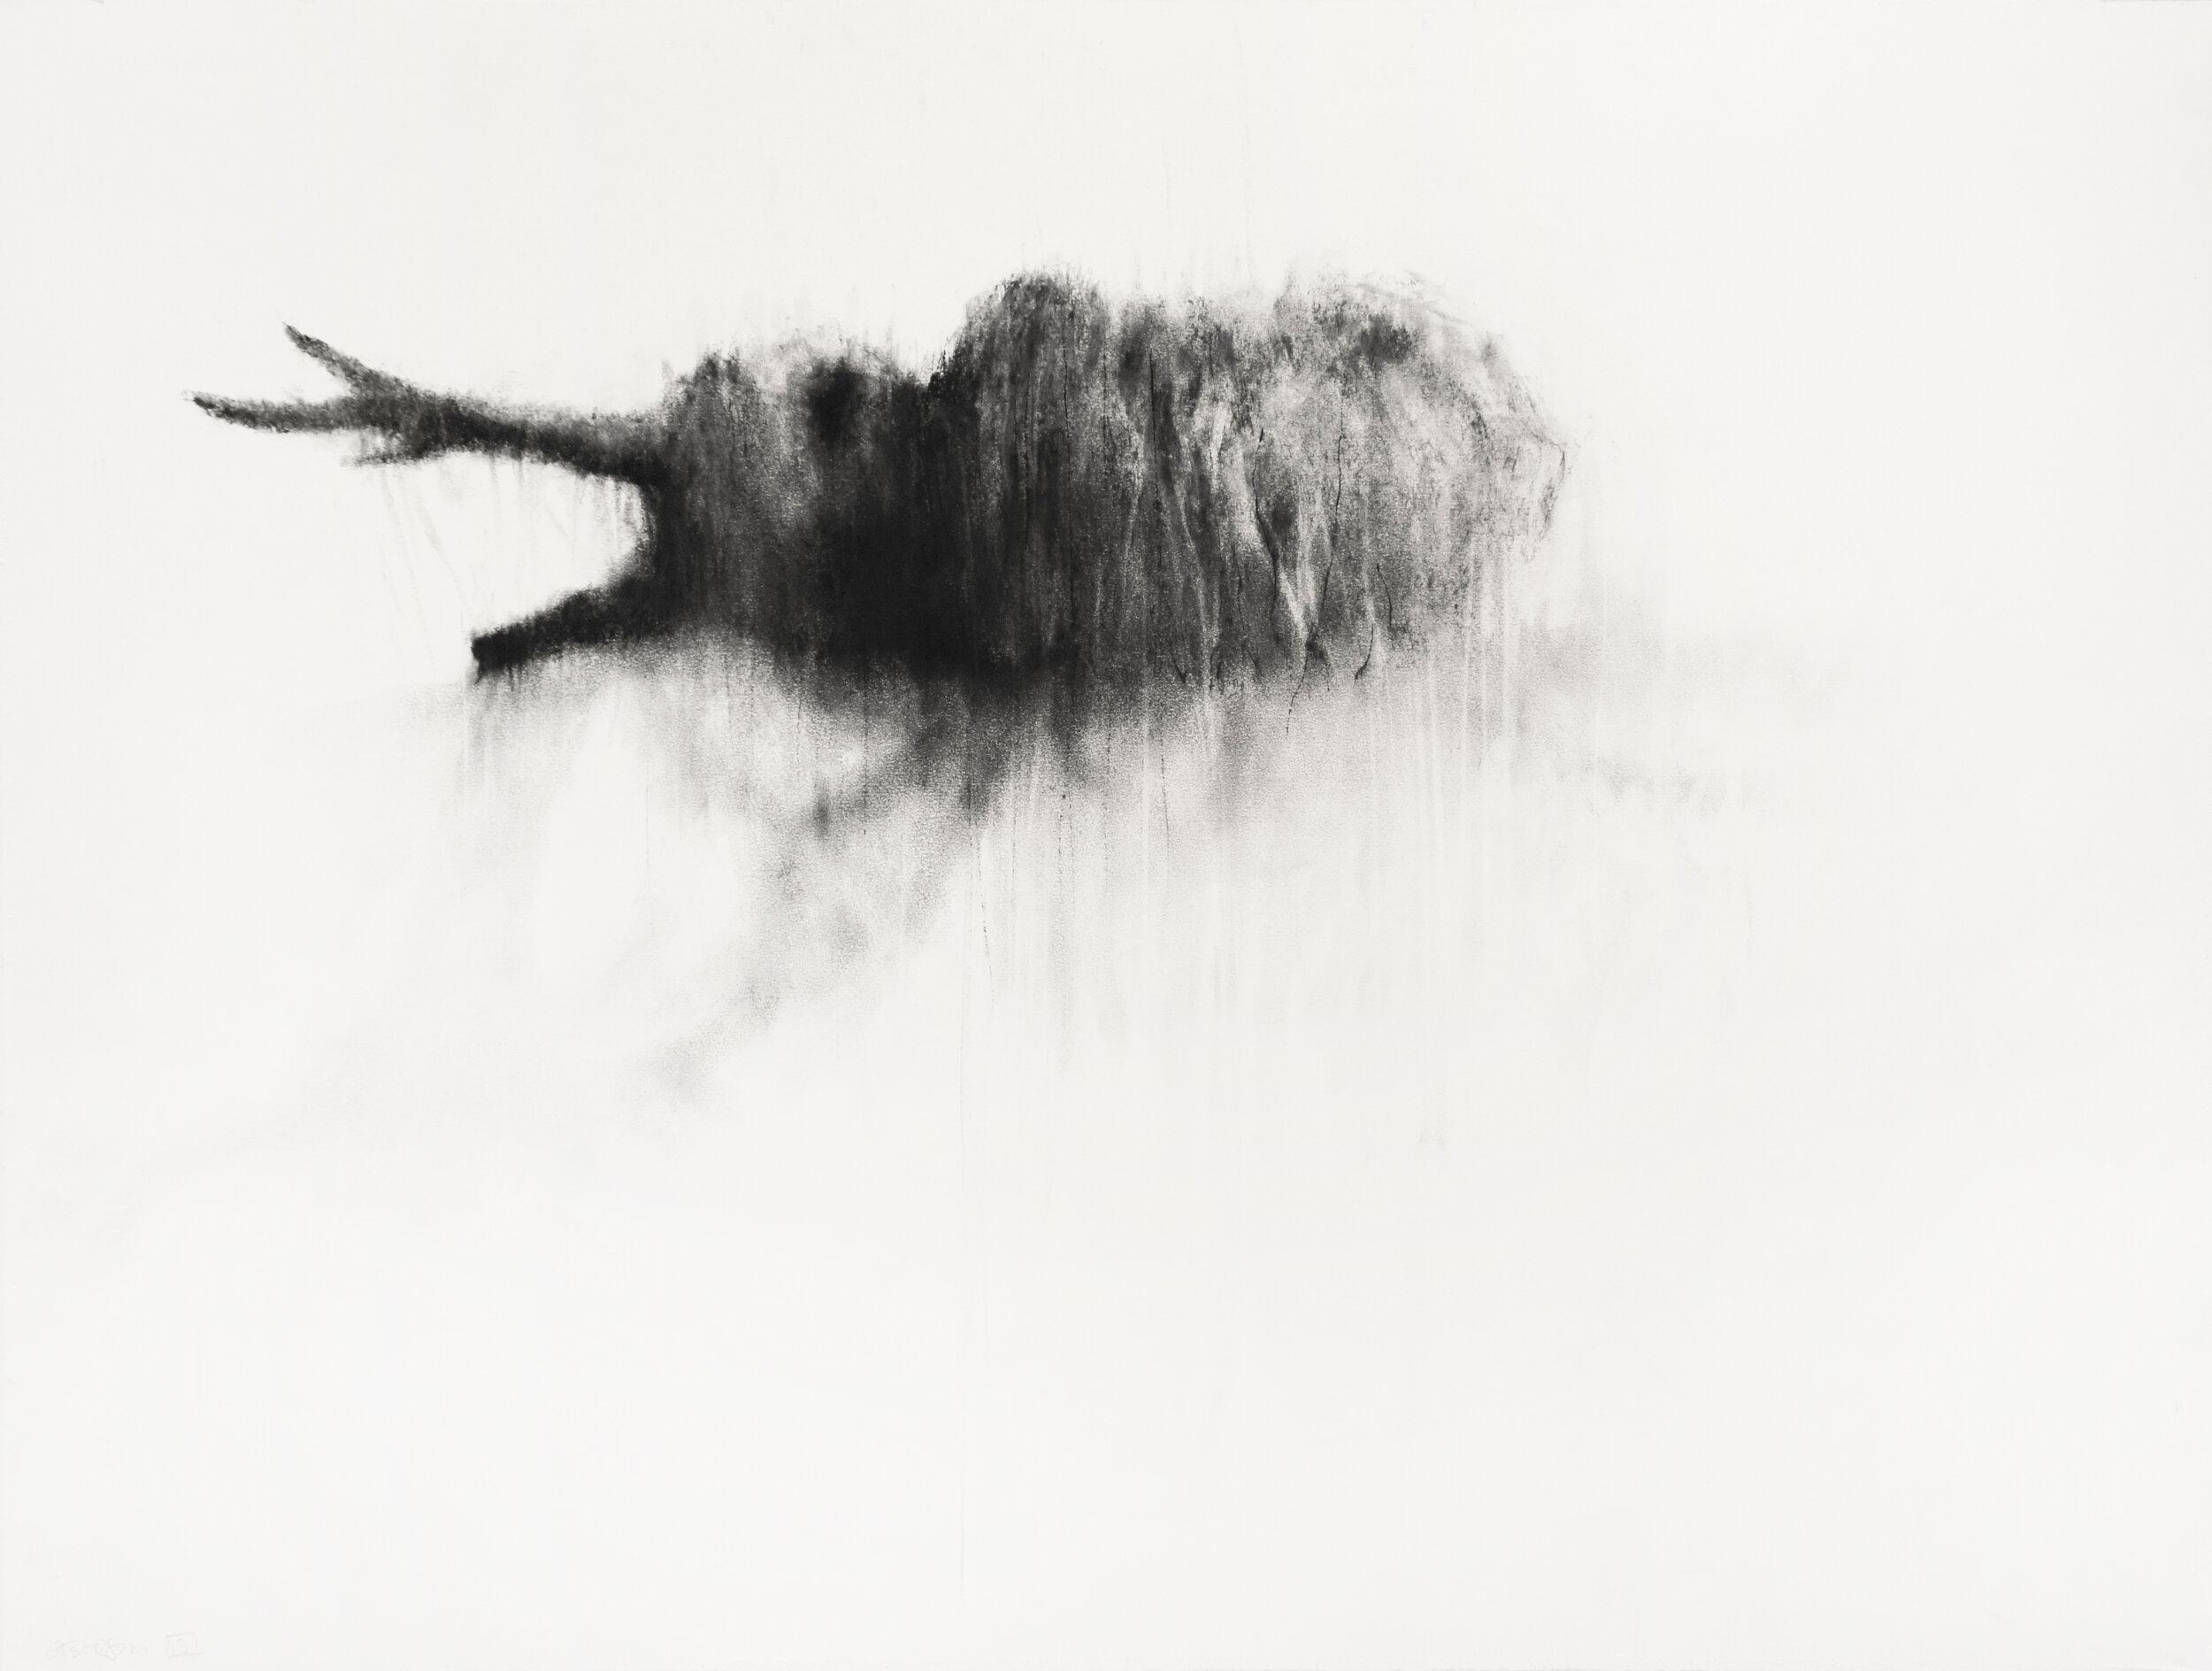 """Guy Oberson, """"Sans titre 1 (zone humaine)"""", pierre noire, 61x80 cm, 2013."""